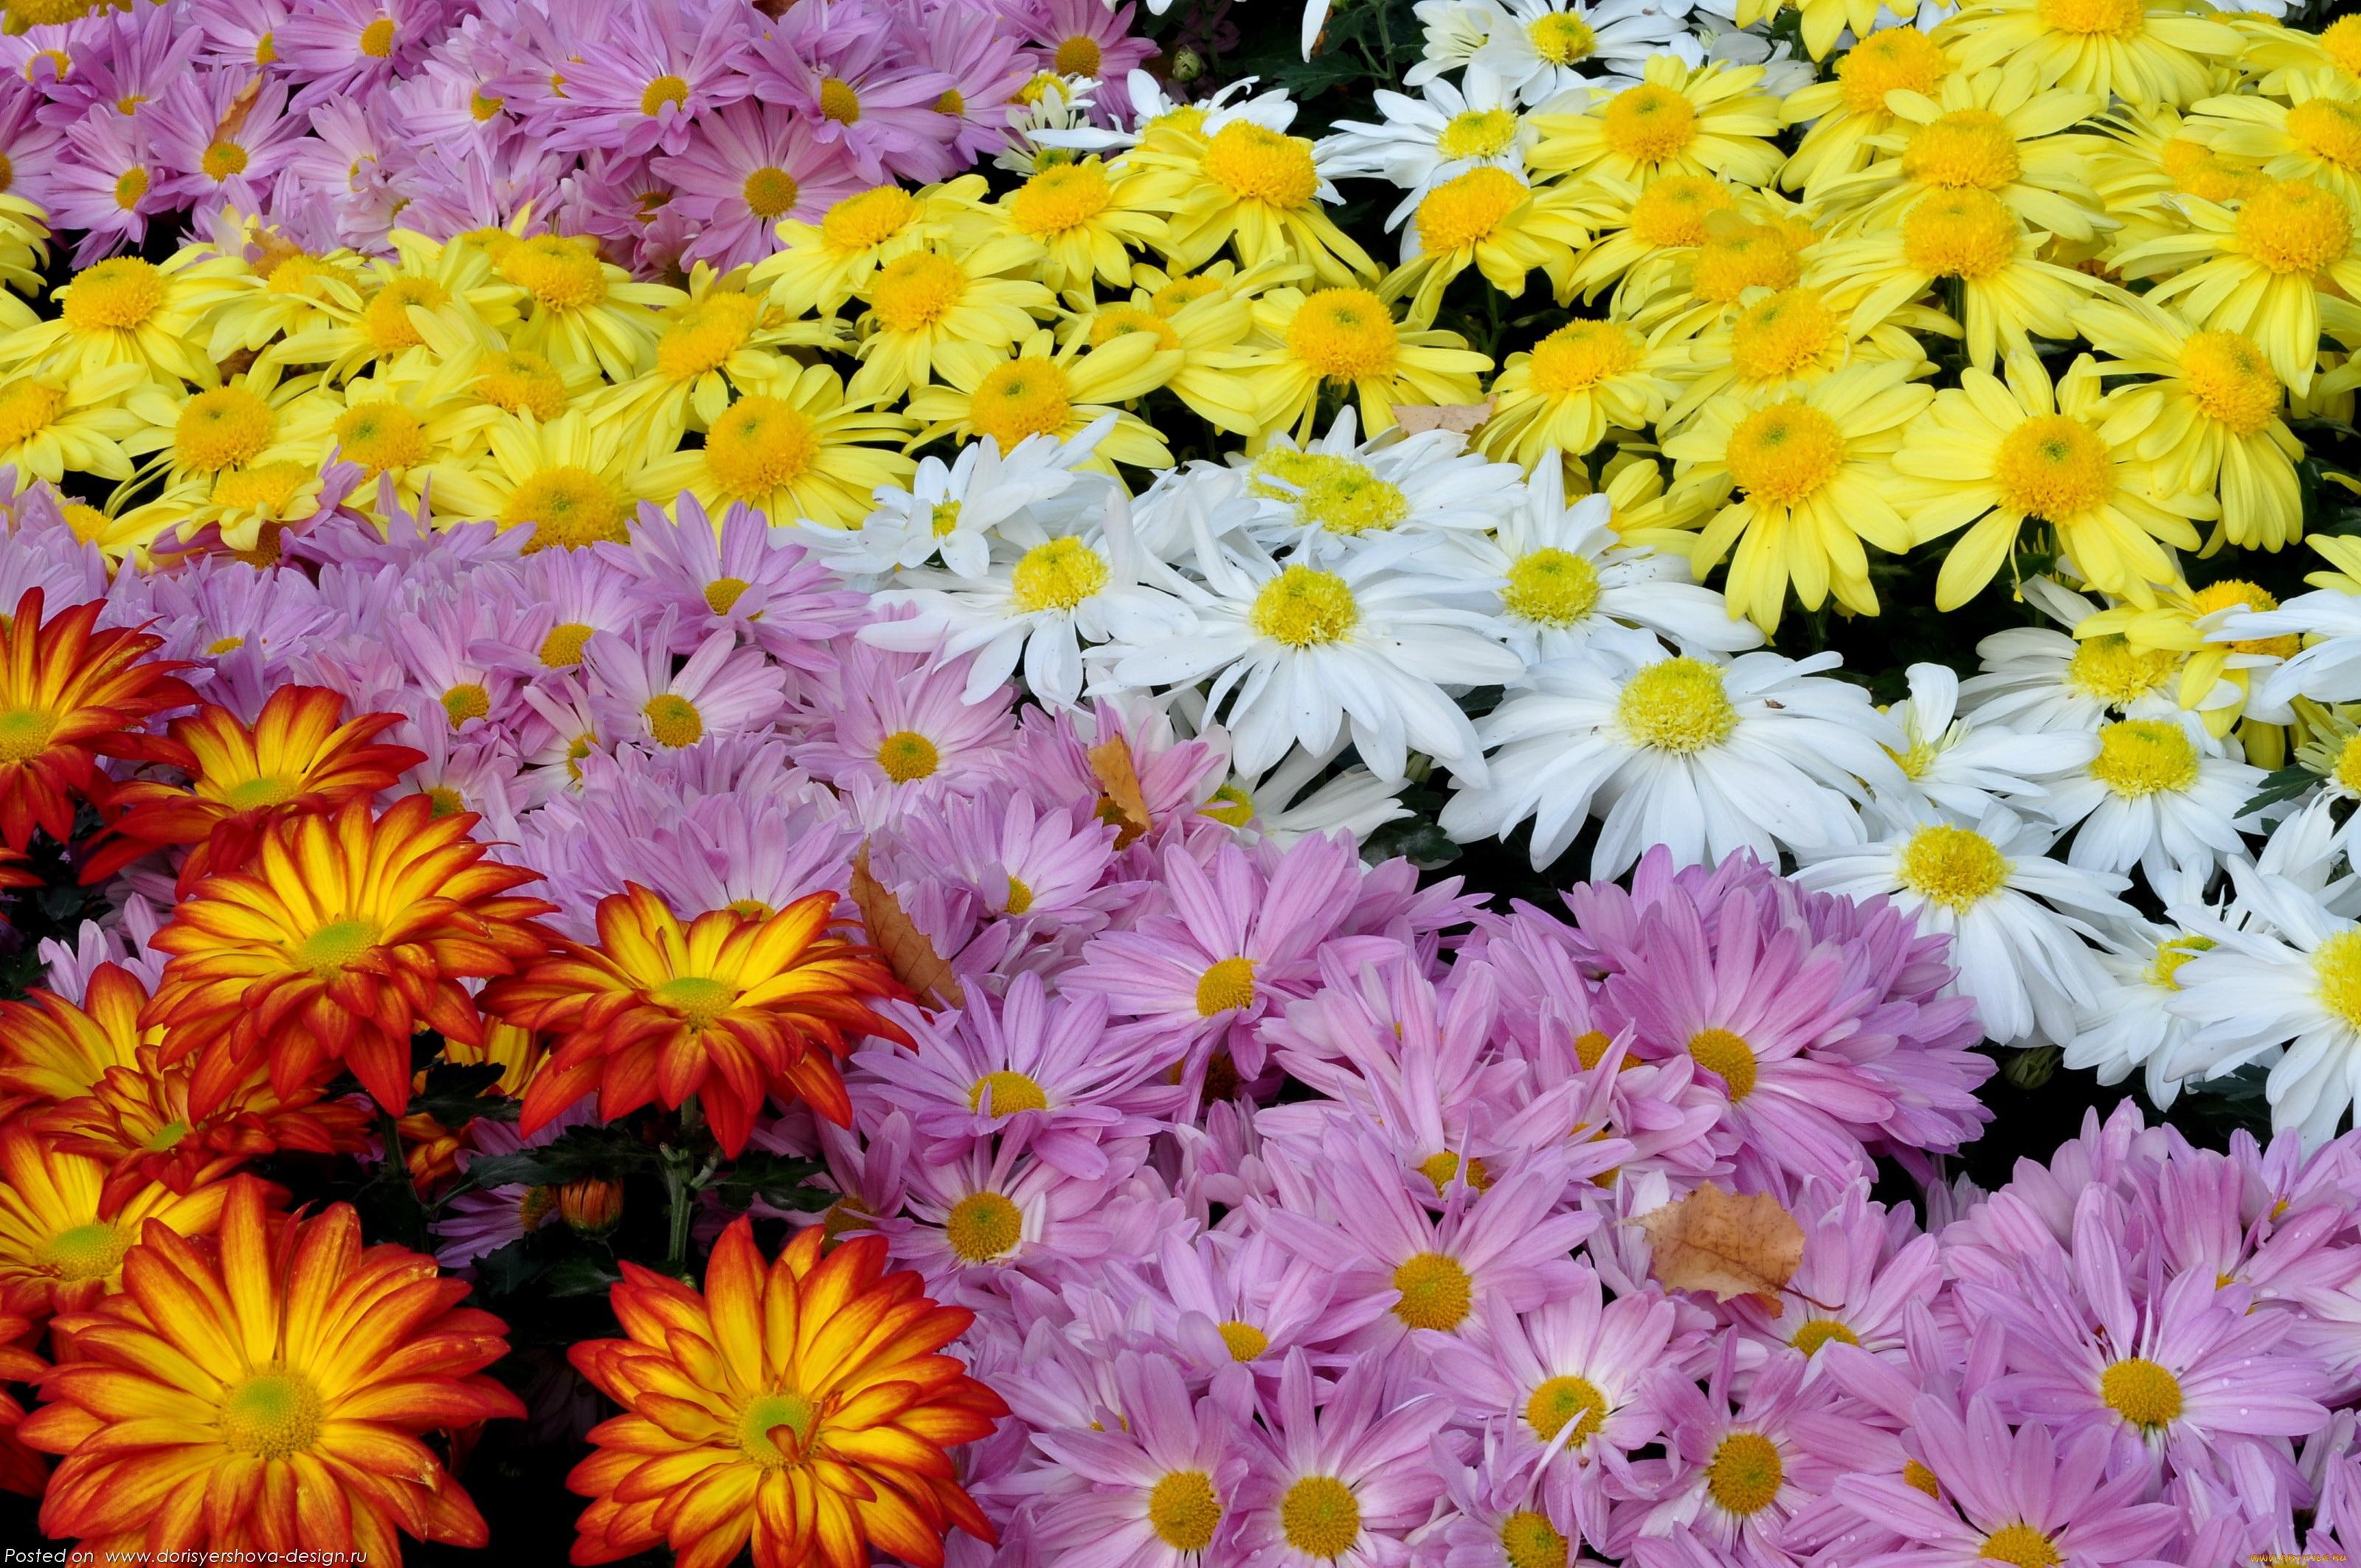 хризантемы, желтый, розовый, оранжевый, белый, обои